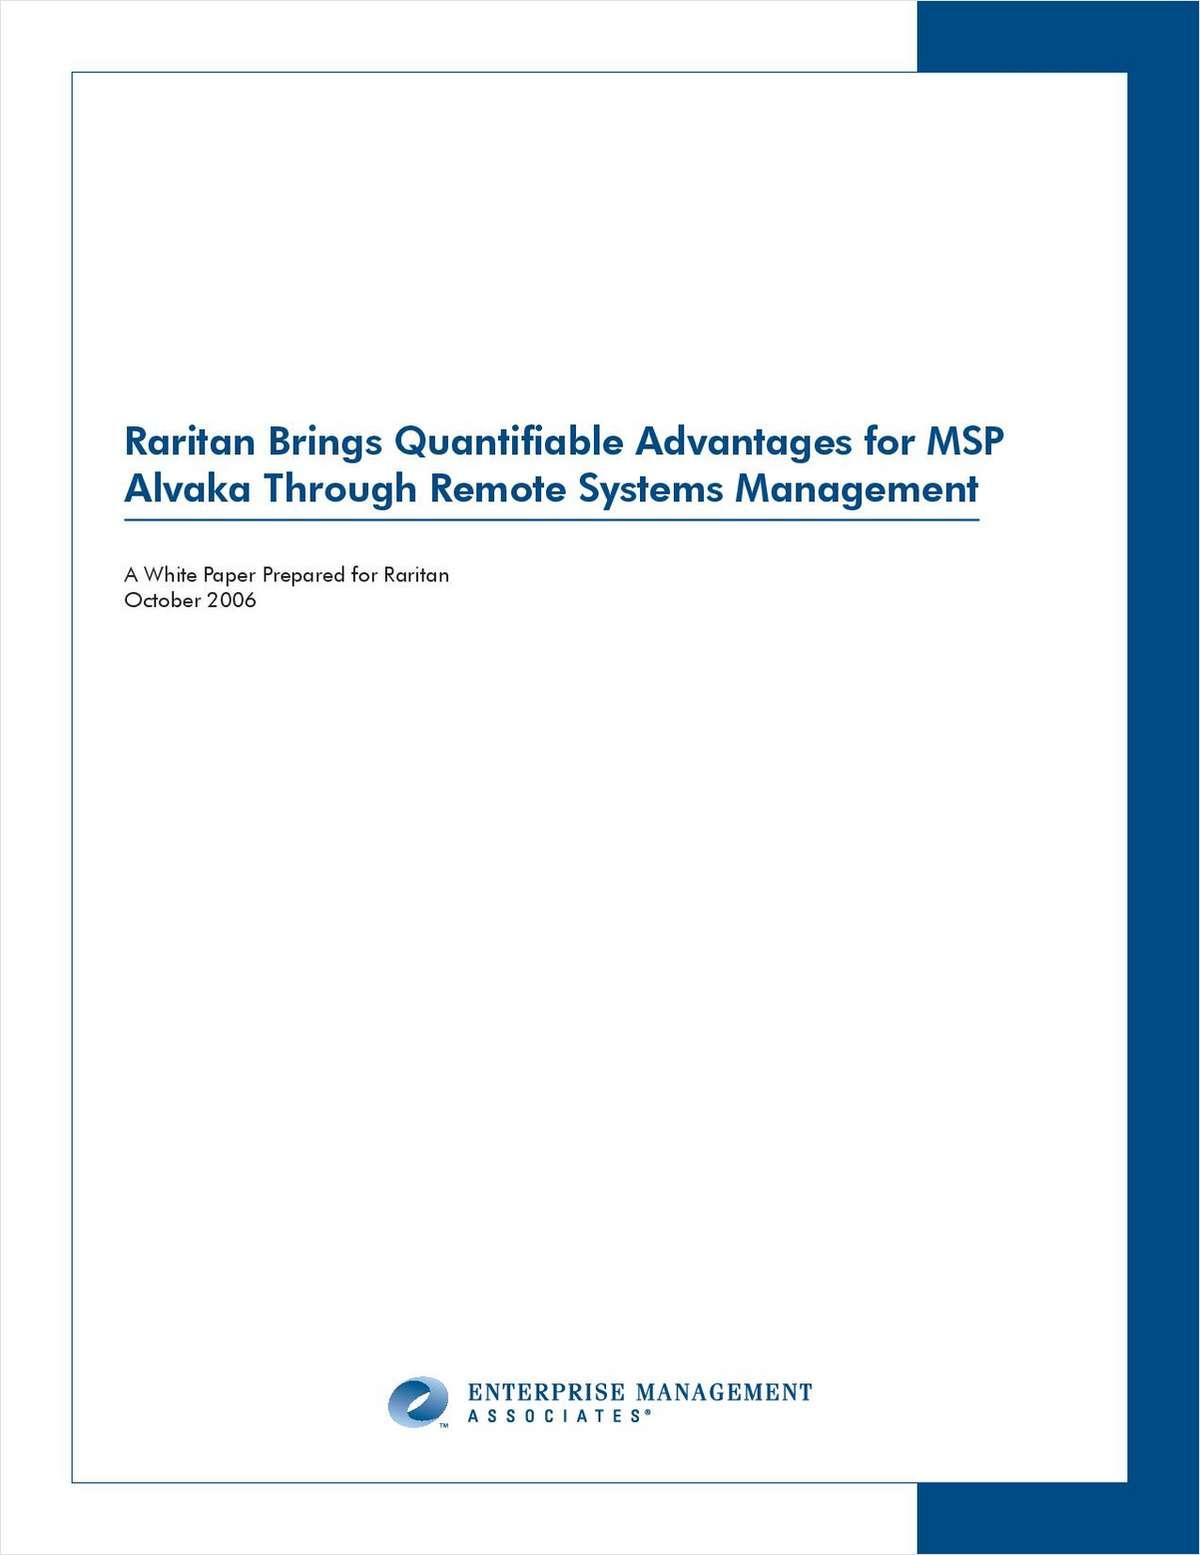 Quantifiable Advantages through Remote Systems Management